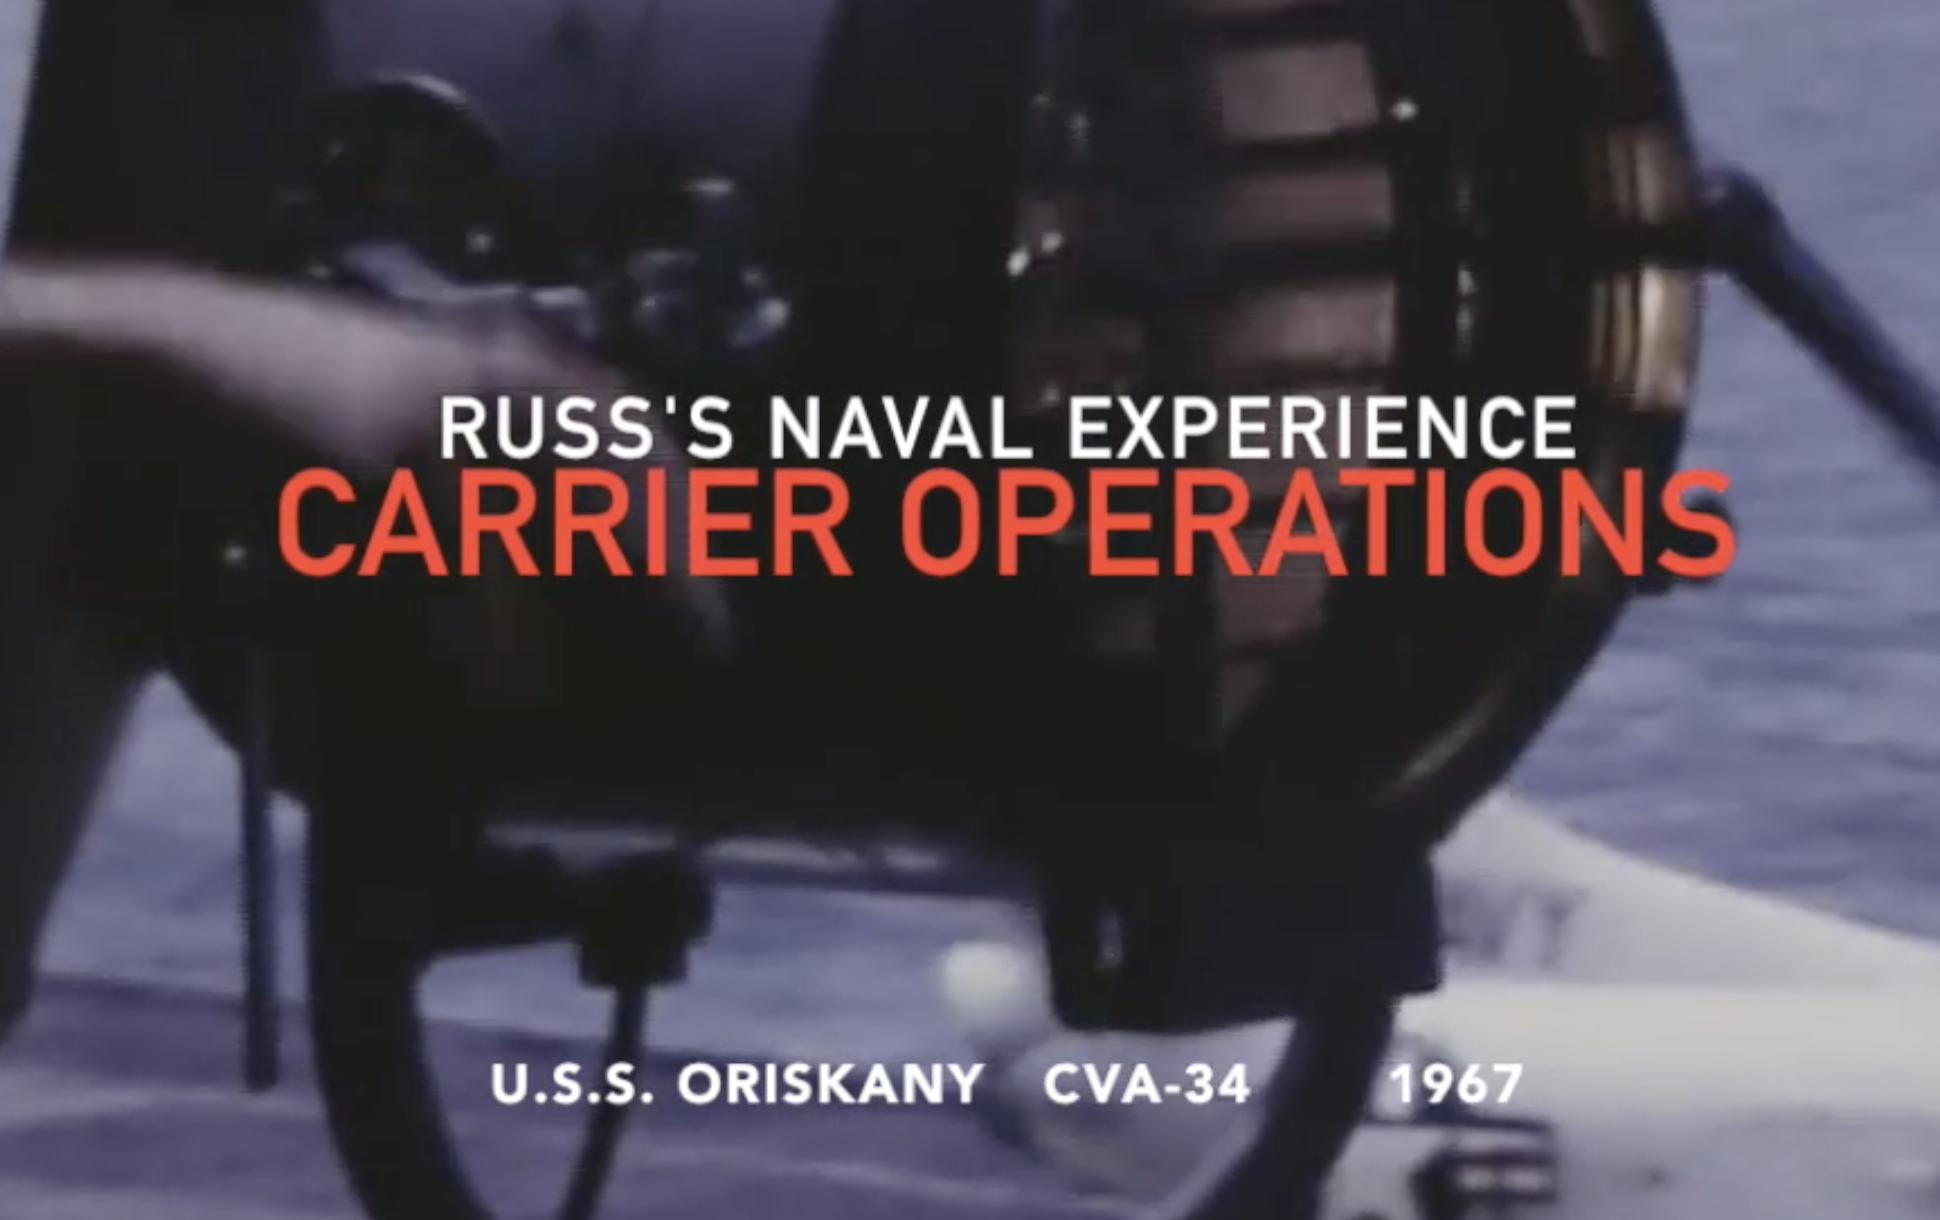 Russ's days on the USS Oriskany